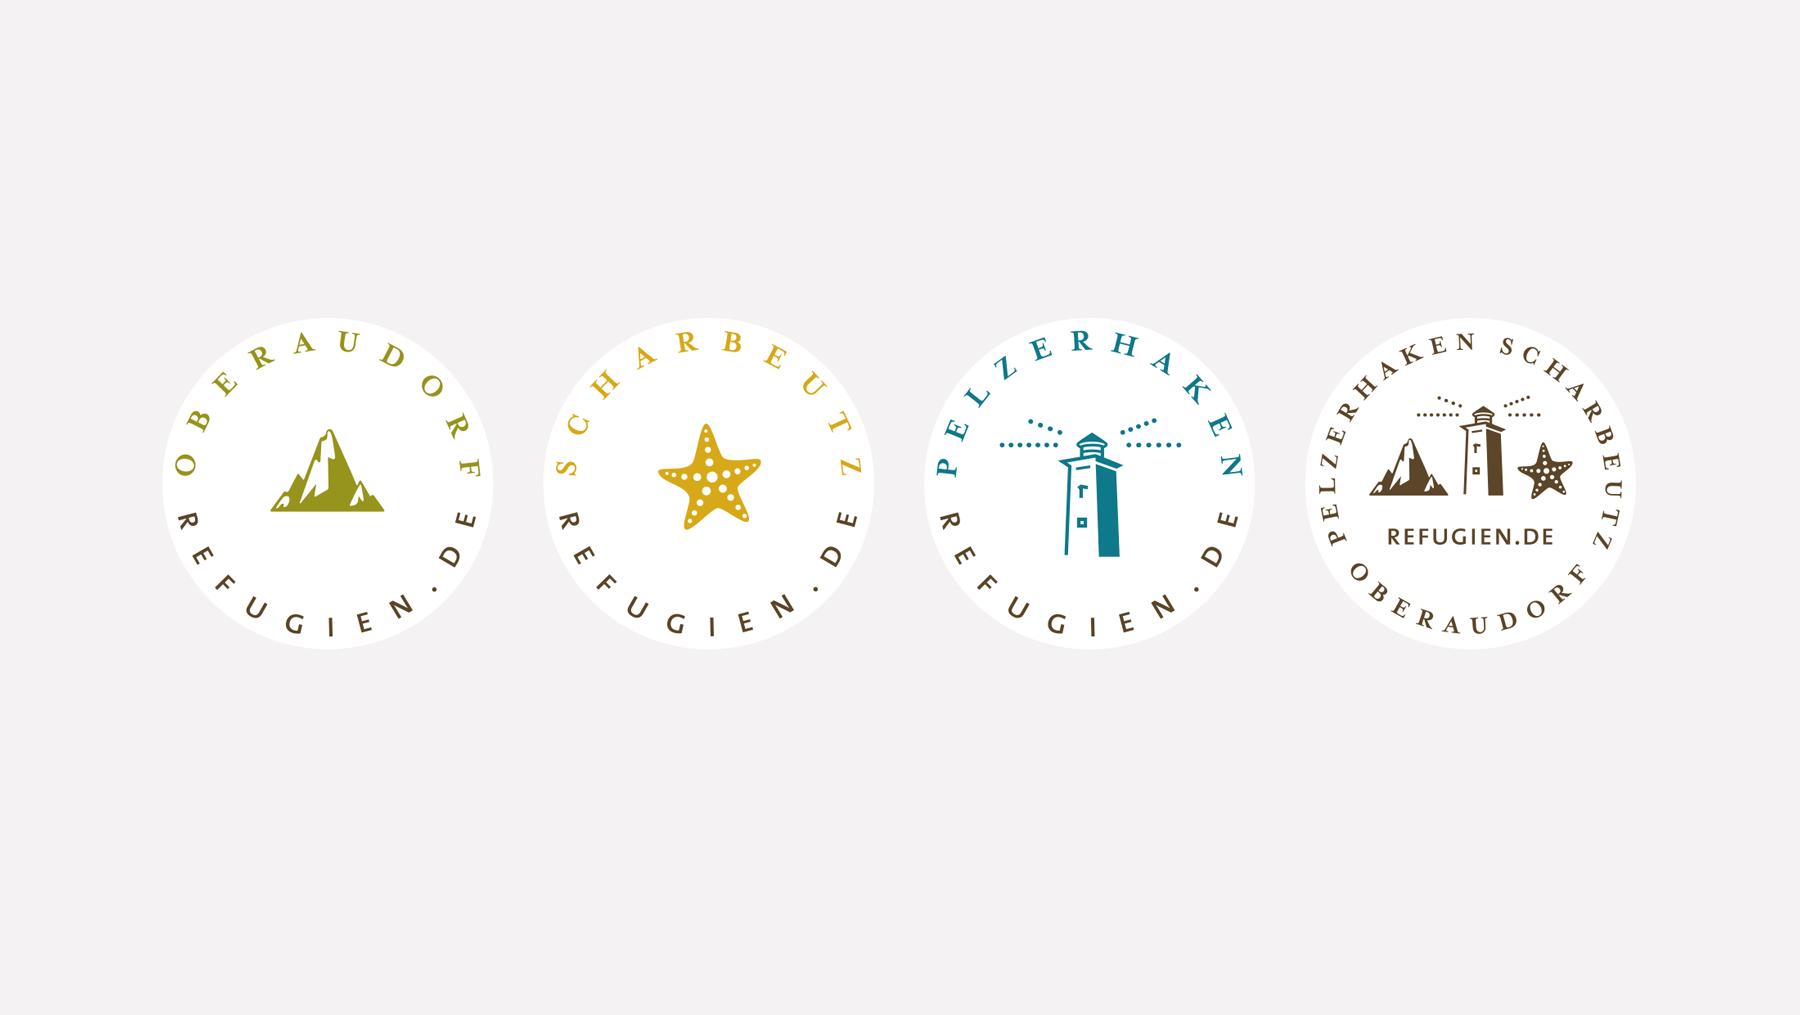 Logo-Refugien.de-Pelzerhaken-Scharbeutz-Audorf